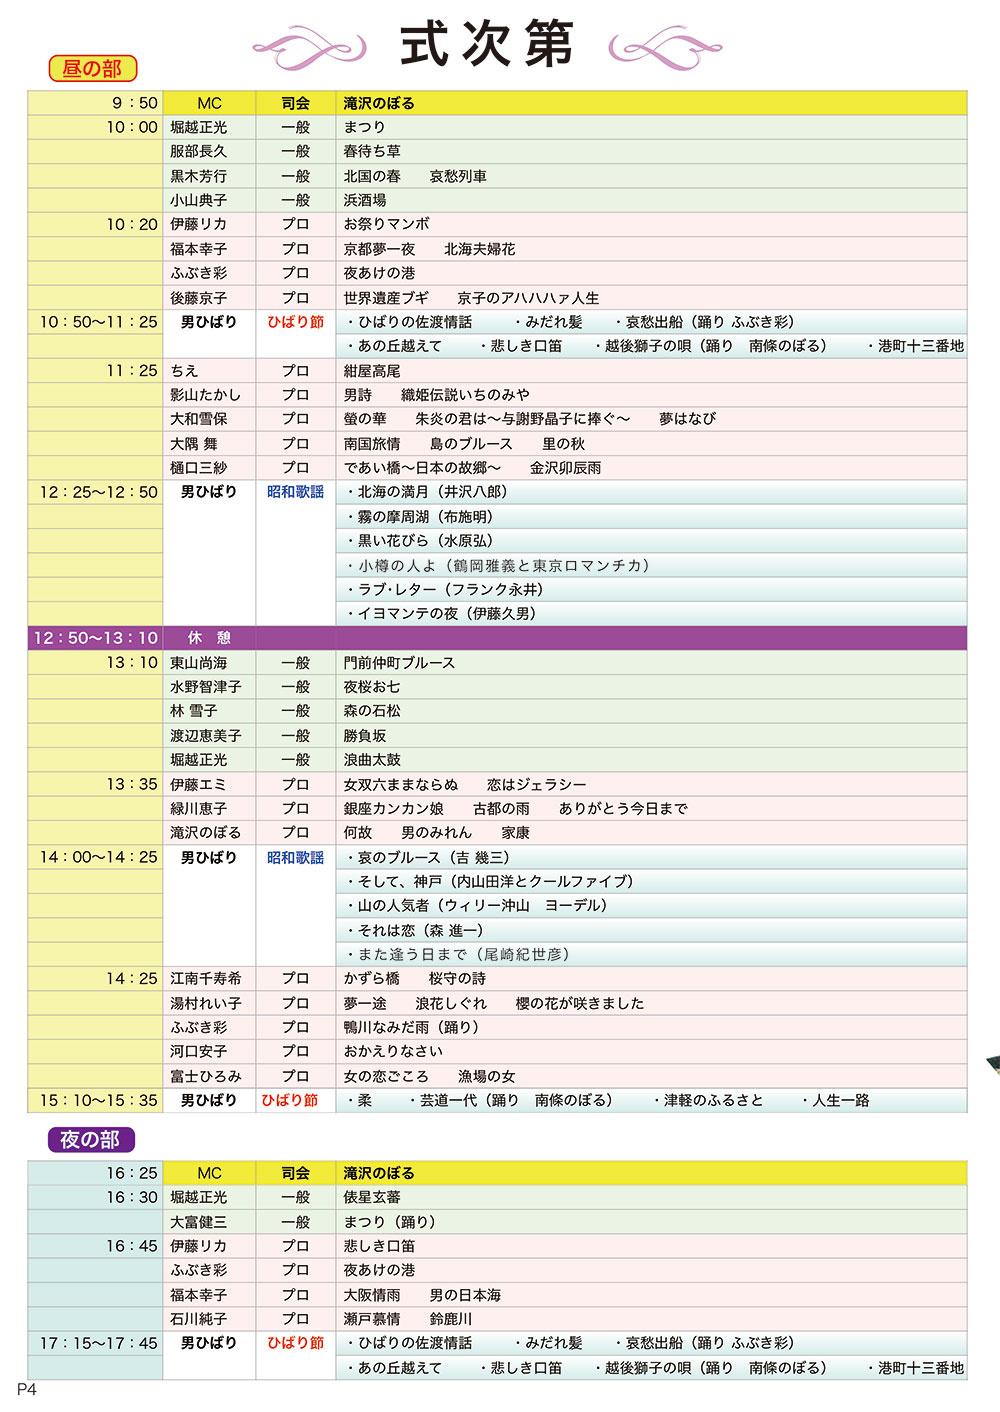 式次第 男ひばり歌謡祭